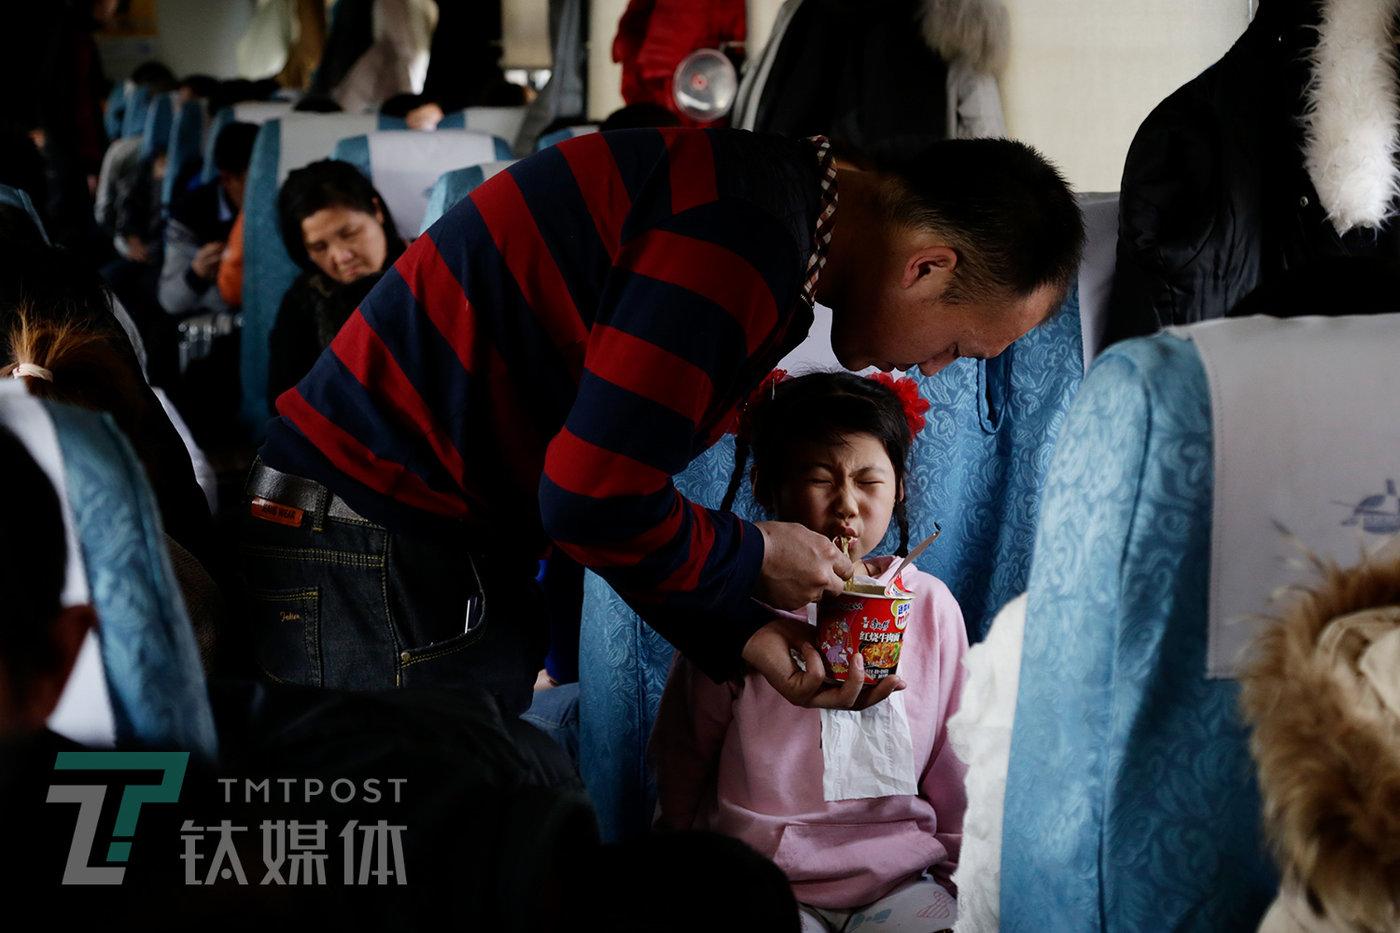 """别名男乘客在喂孩子吃泡面。列车上,方便面是一栽最常见的食品选择,有的乘客为了省钱,还本身带着塑料碗和筷子泡袋装泡面吃。餐车上吆卖的15元盒饭,在一些人眼中""""比较贵,且不值那价钱。"""""""